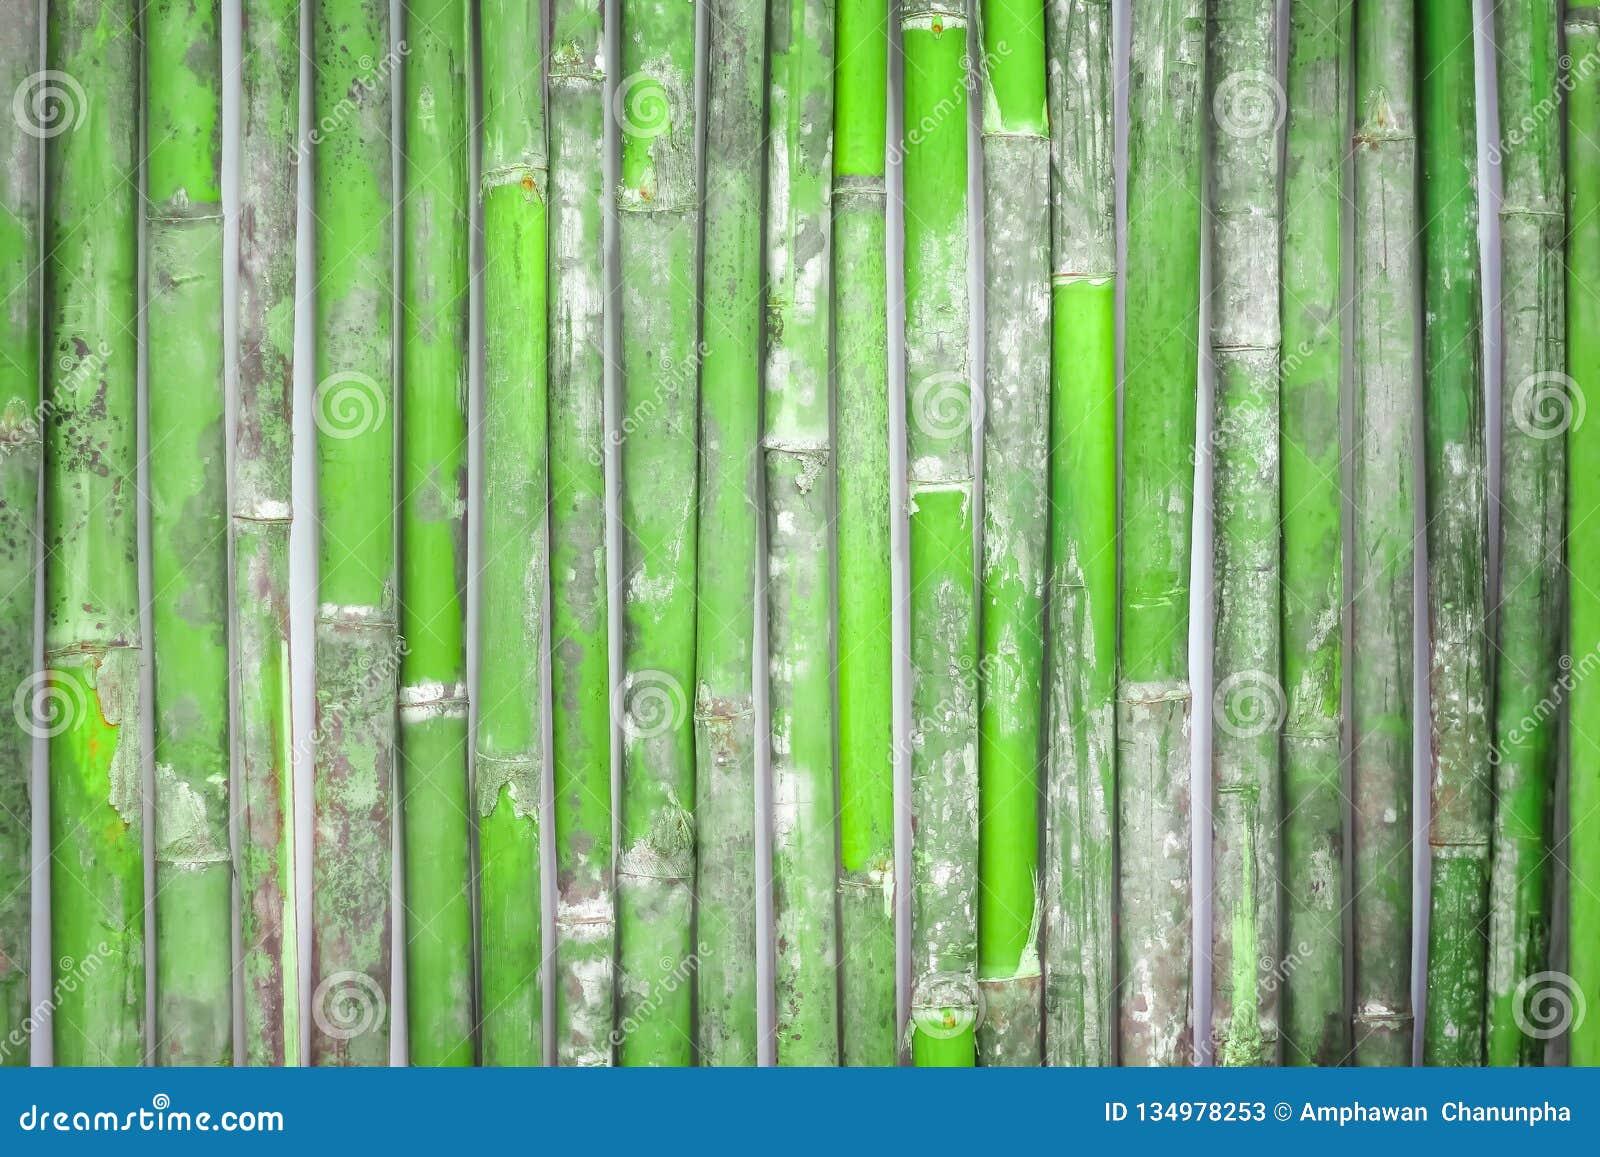 Fondo de bambú fresco de la cerca, pared de madera